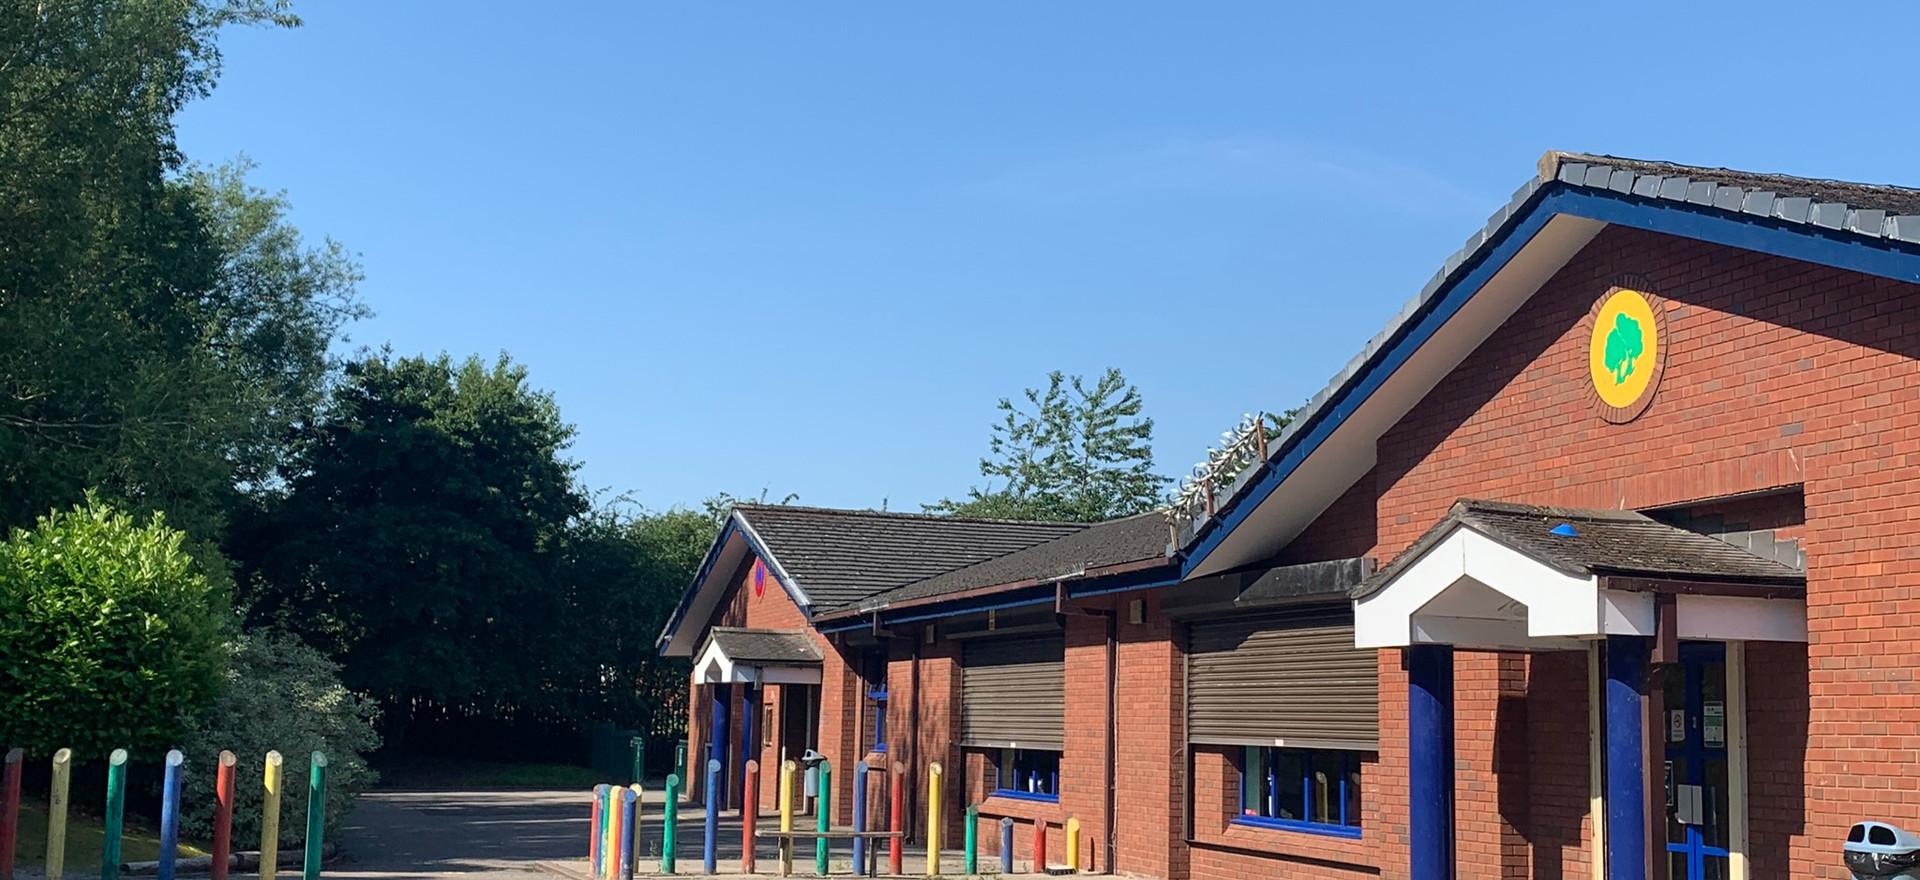 The junior playground